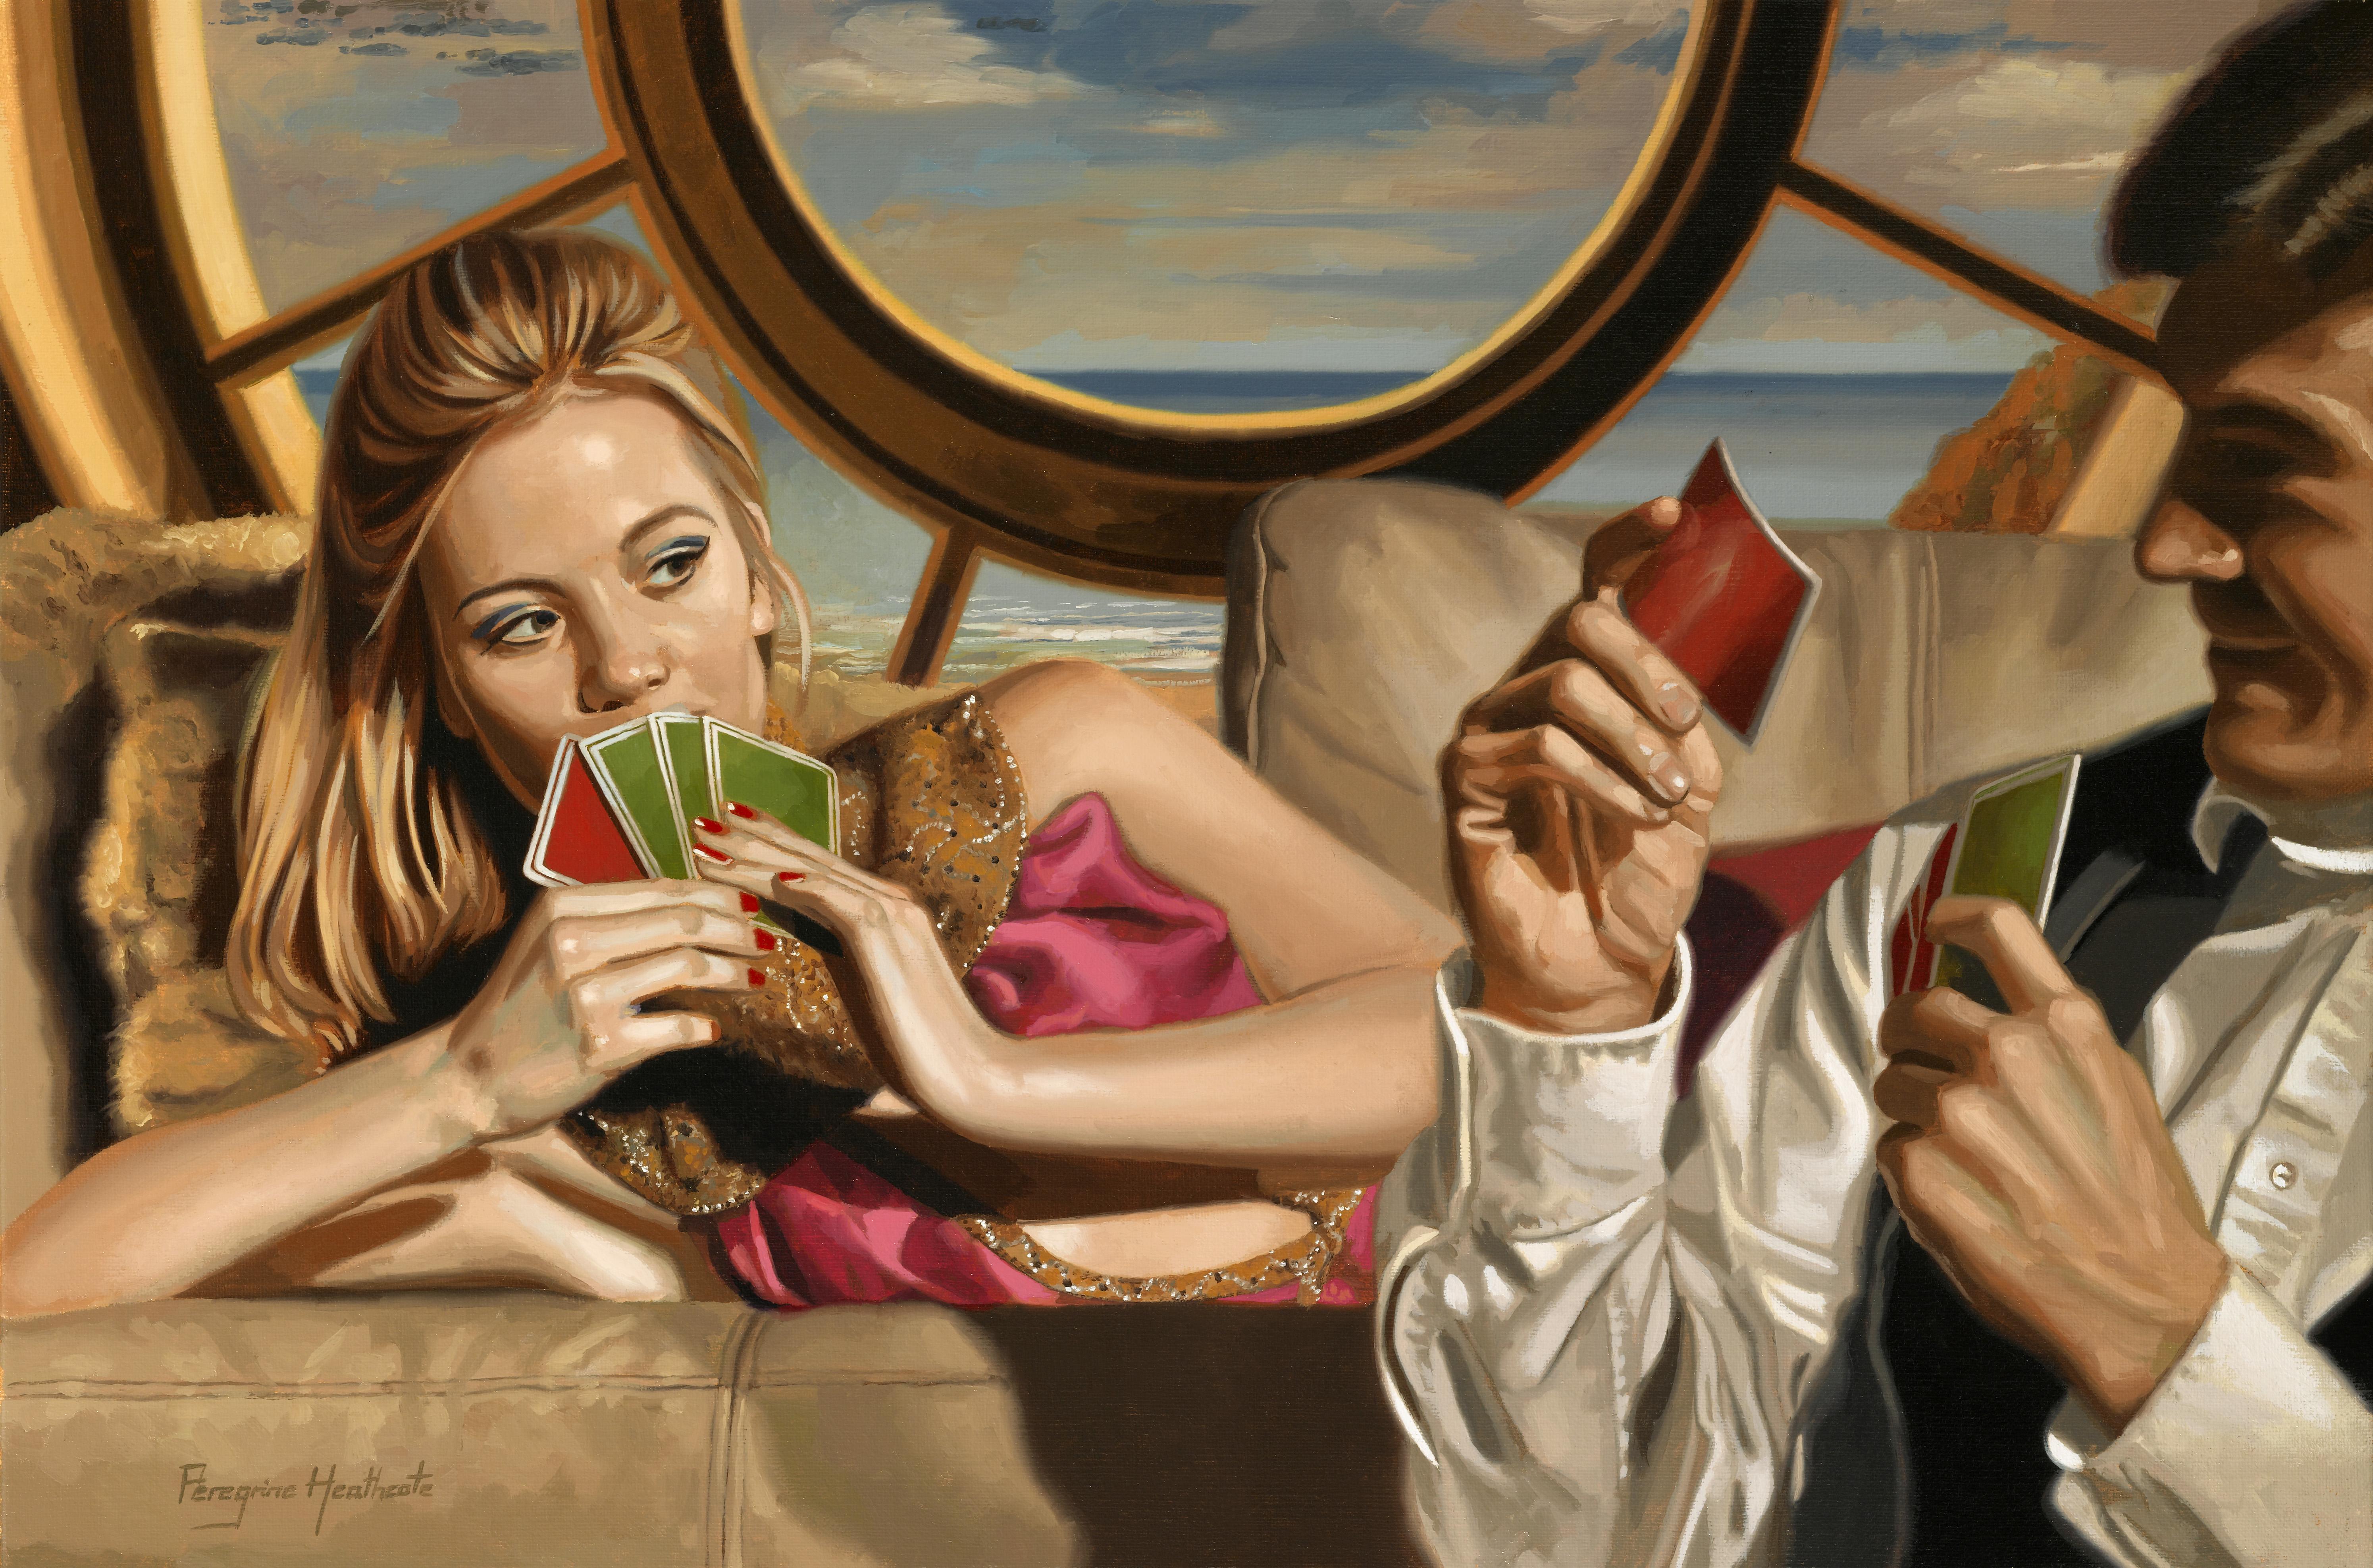 Peregrine-Heathcote-Aces-20.5x30-Oil-on-canvas